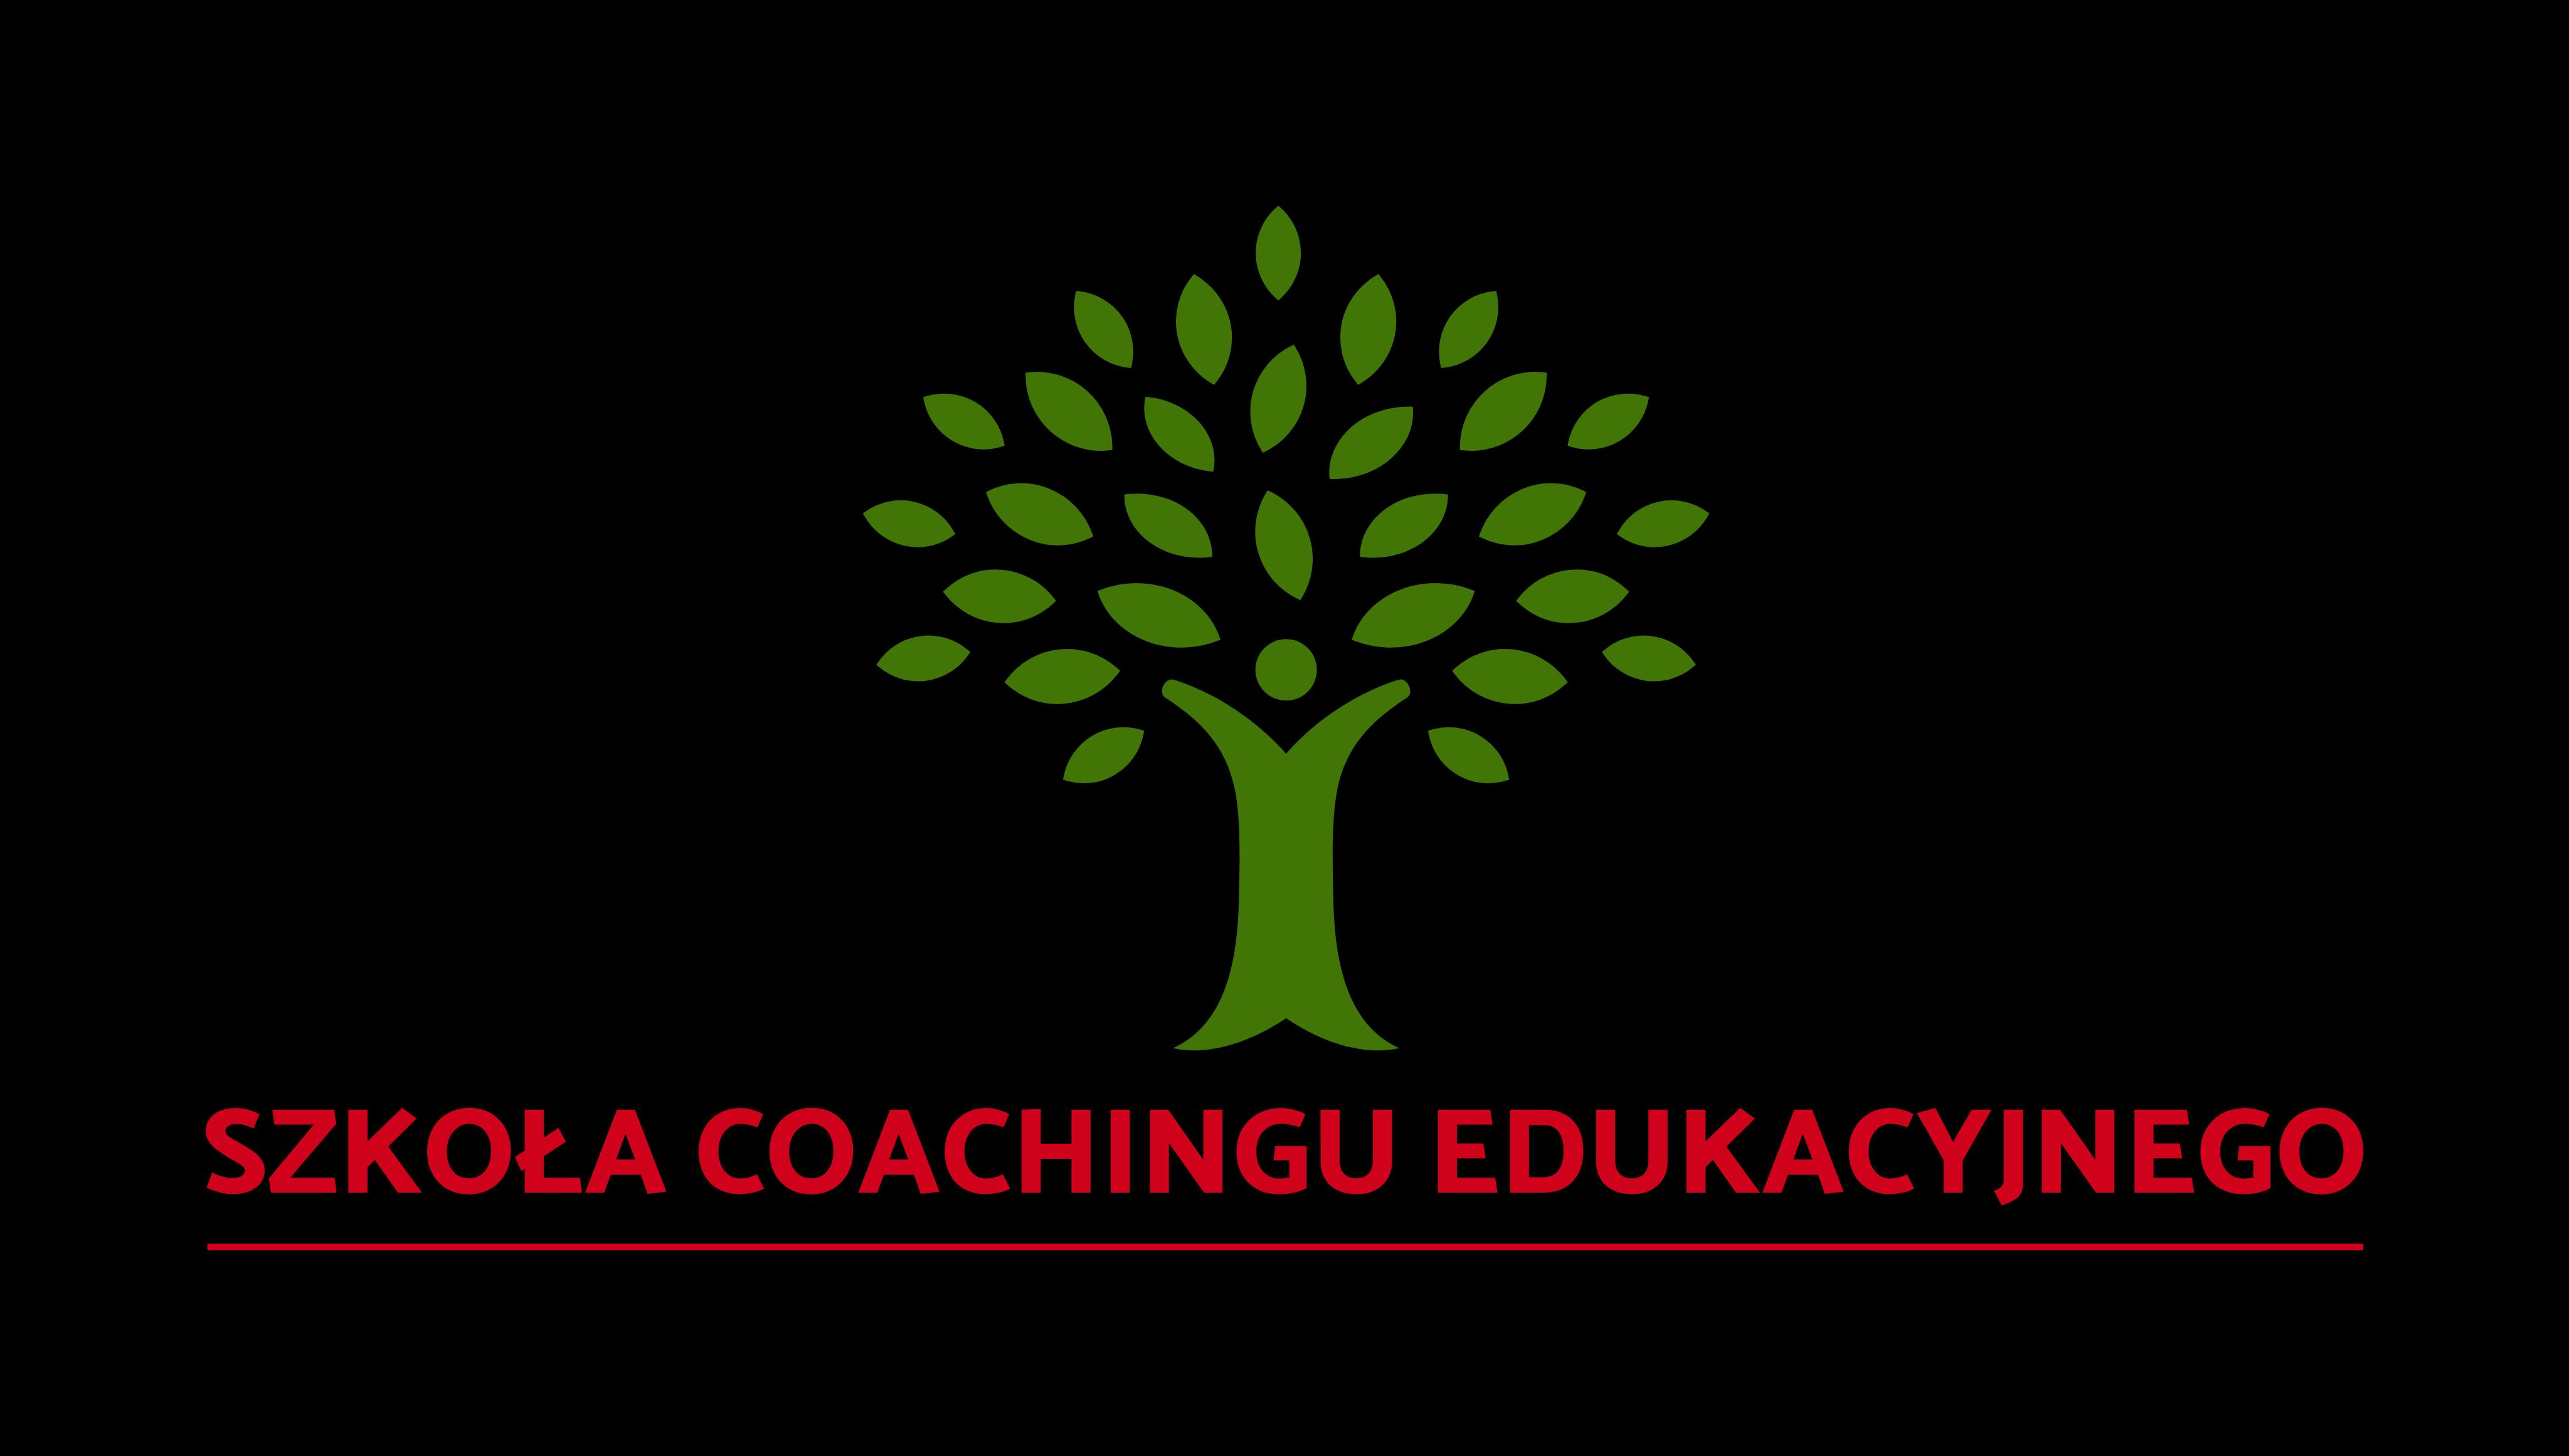 Szkoła Coachingu Edukacyjnego logotyp